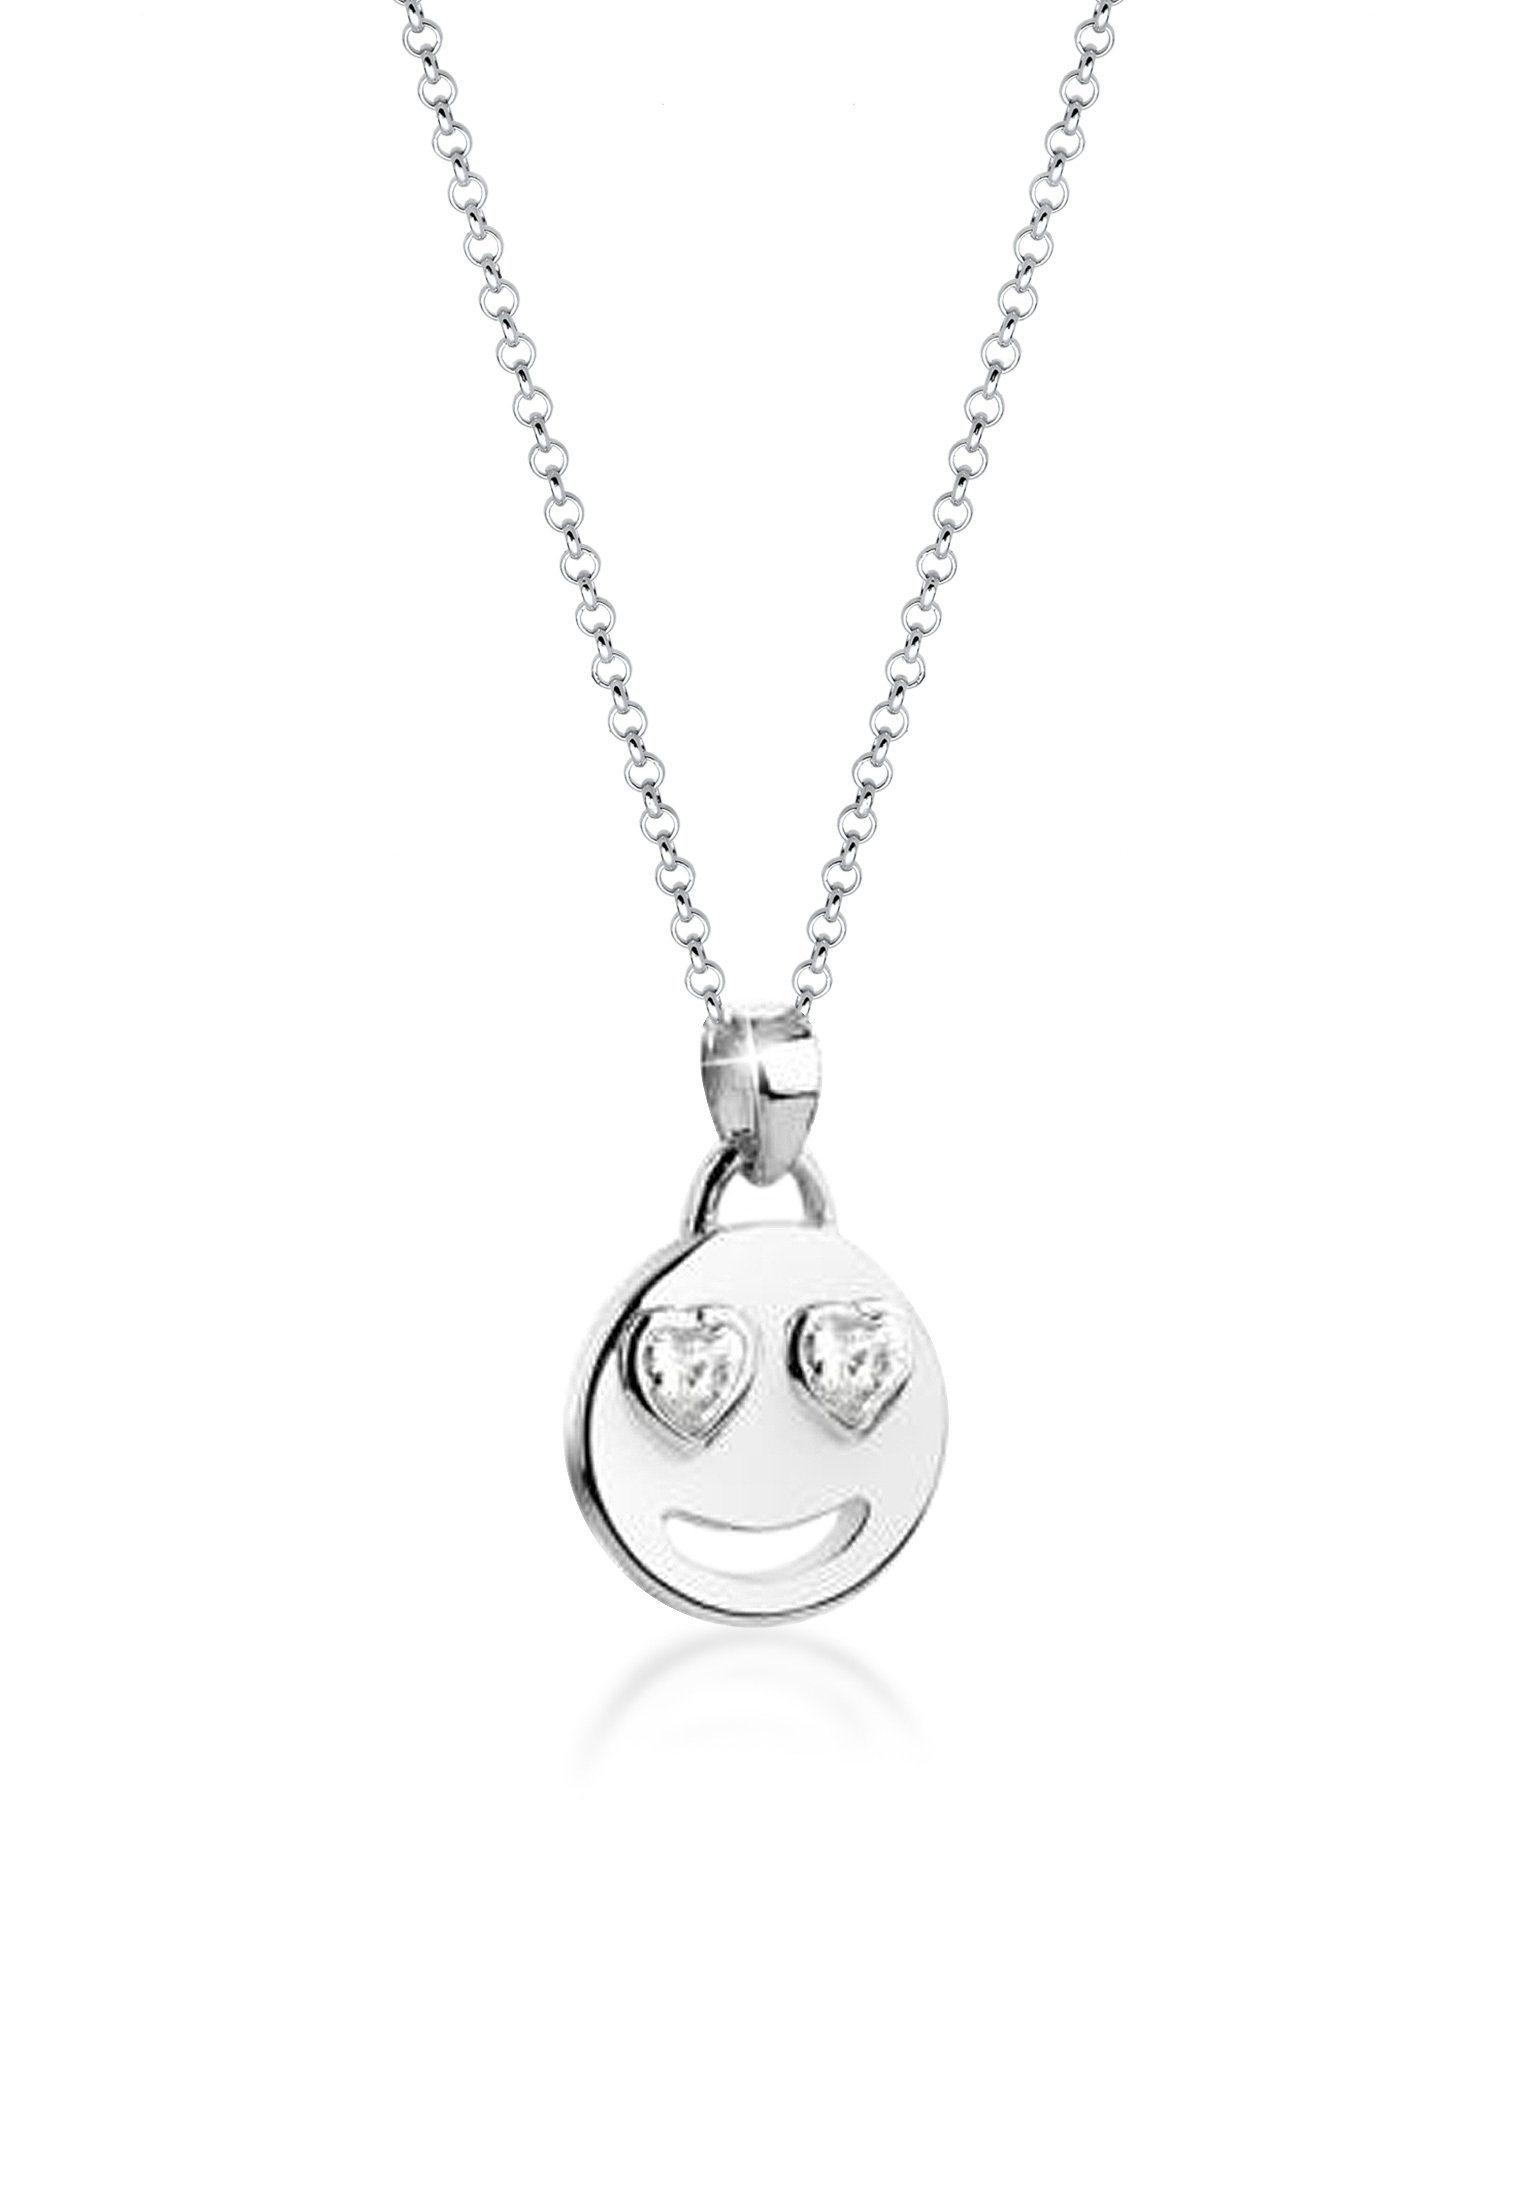 Nenalina Collierkettchen »Emoji Anhänger Zirkonia Kristalle Herz 925 Silber« | Schmuck > Halsketten > Herzketten | Silber | Nenalina